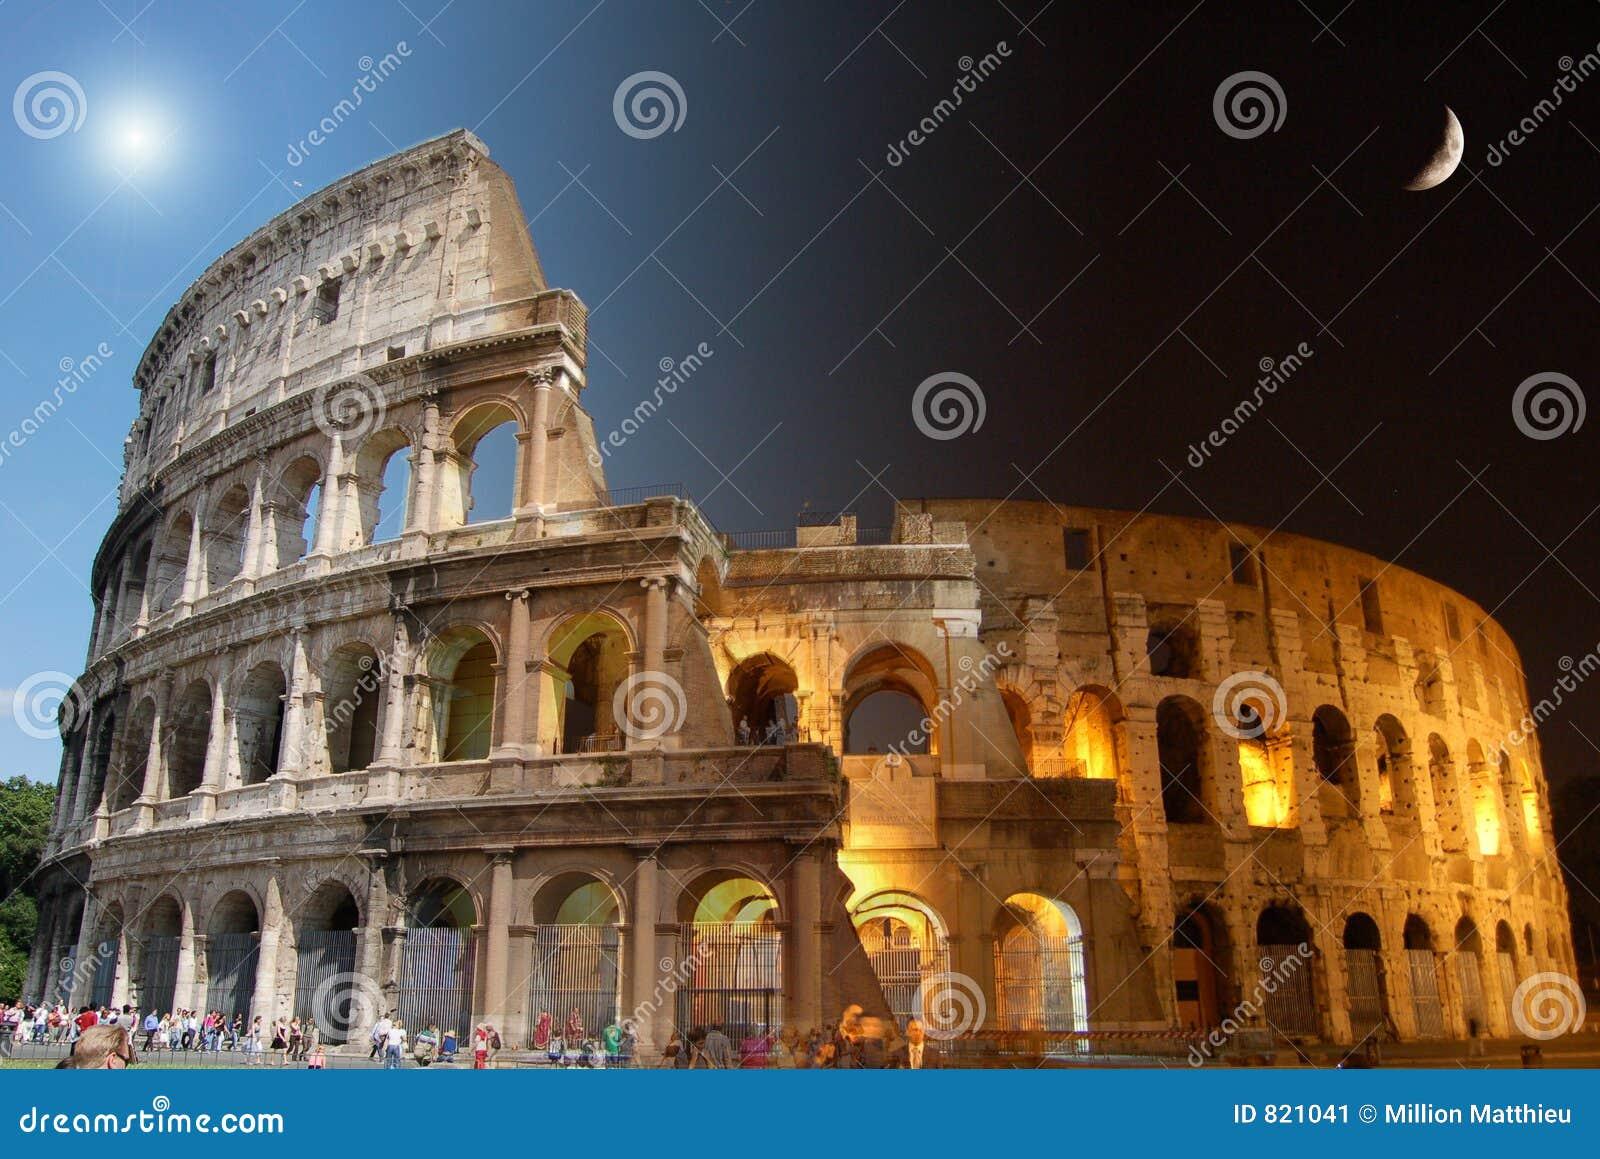 Colosseum, día y noche